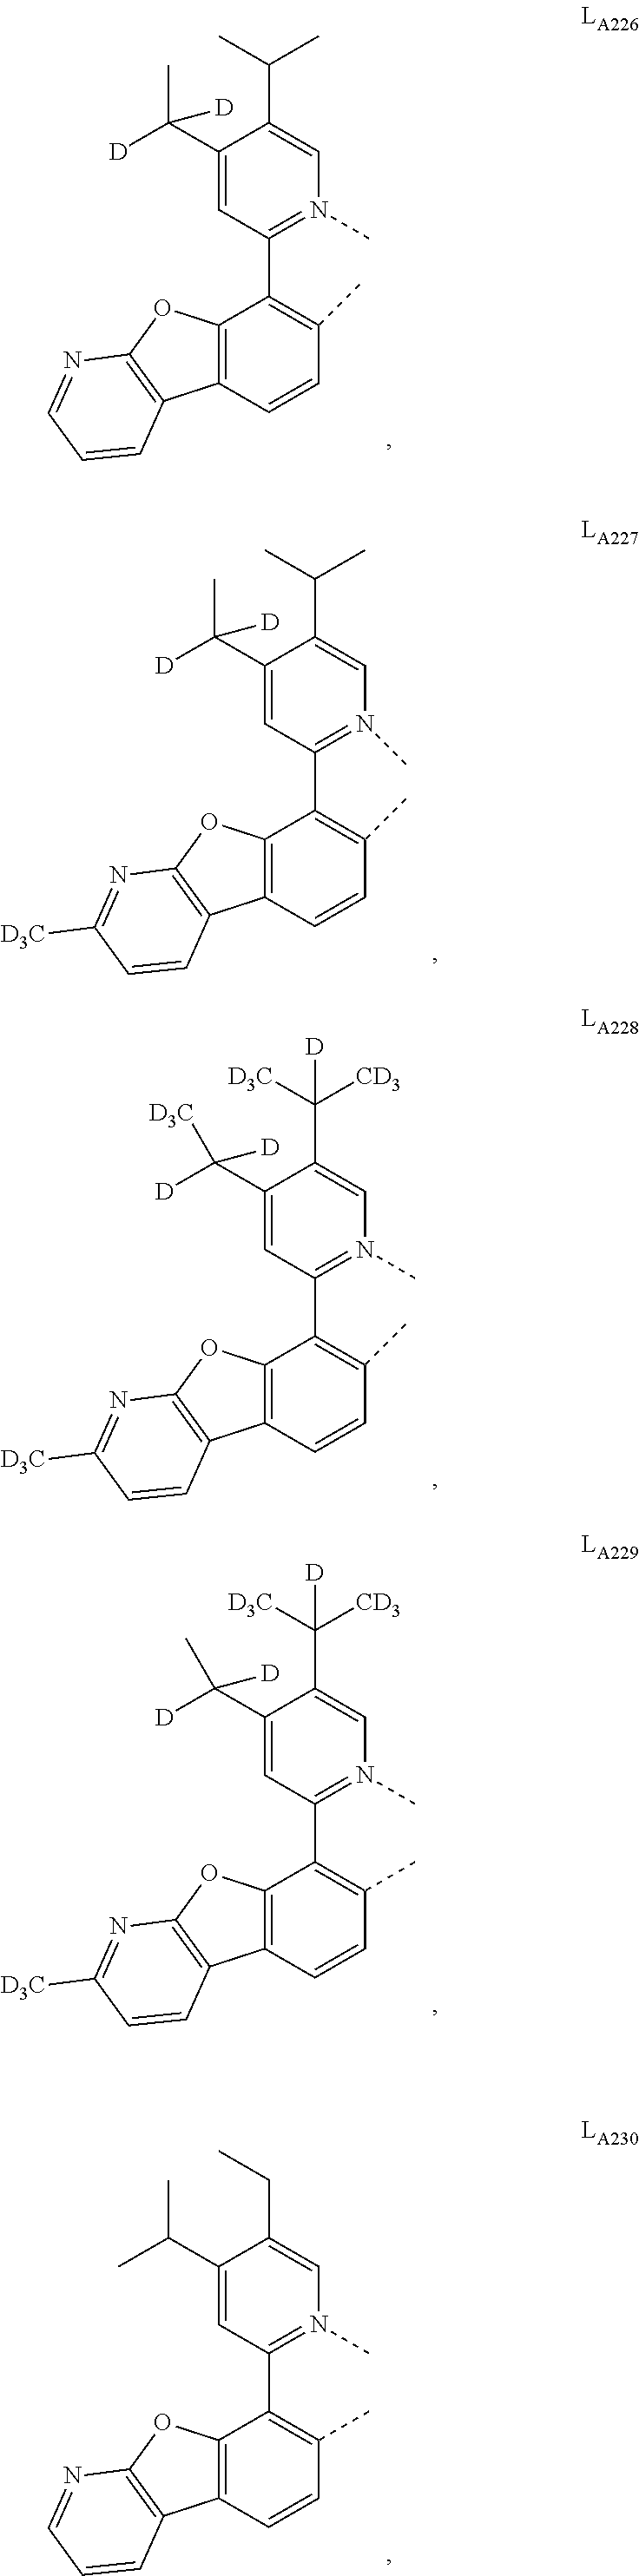 Figure US20160049599A1-20160218-C00447